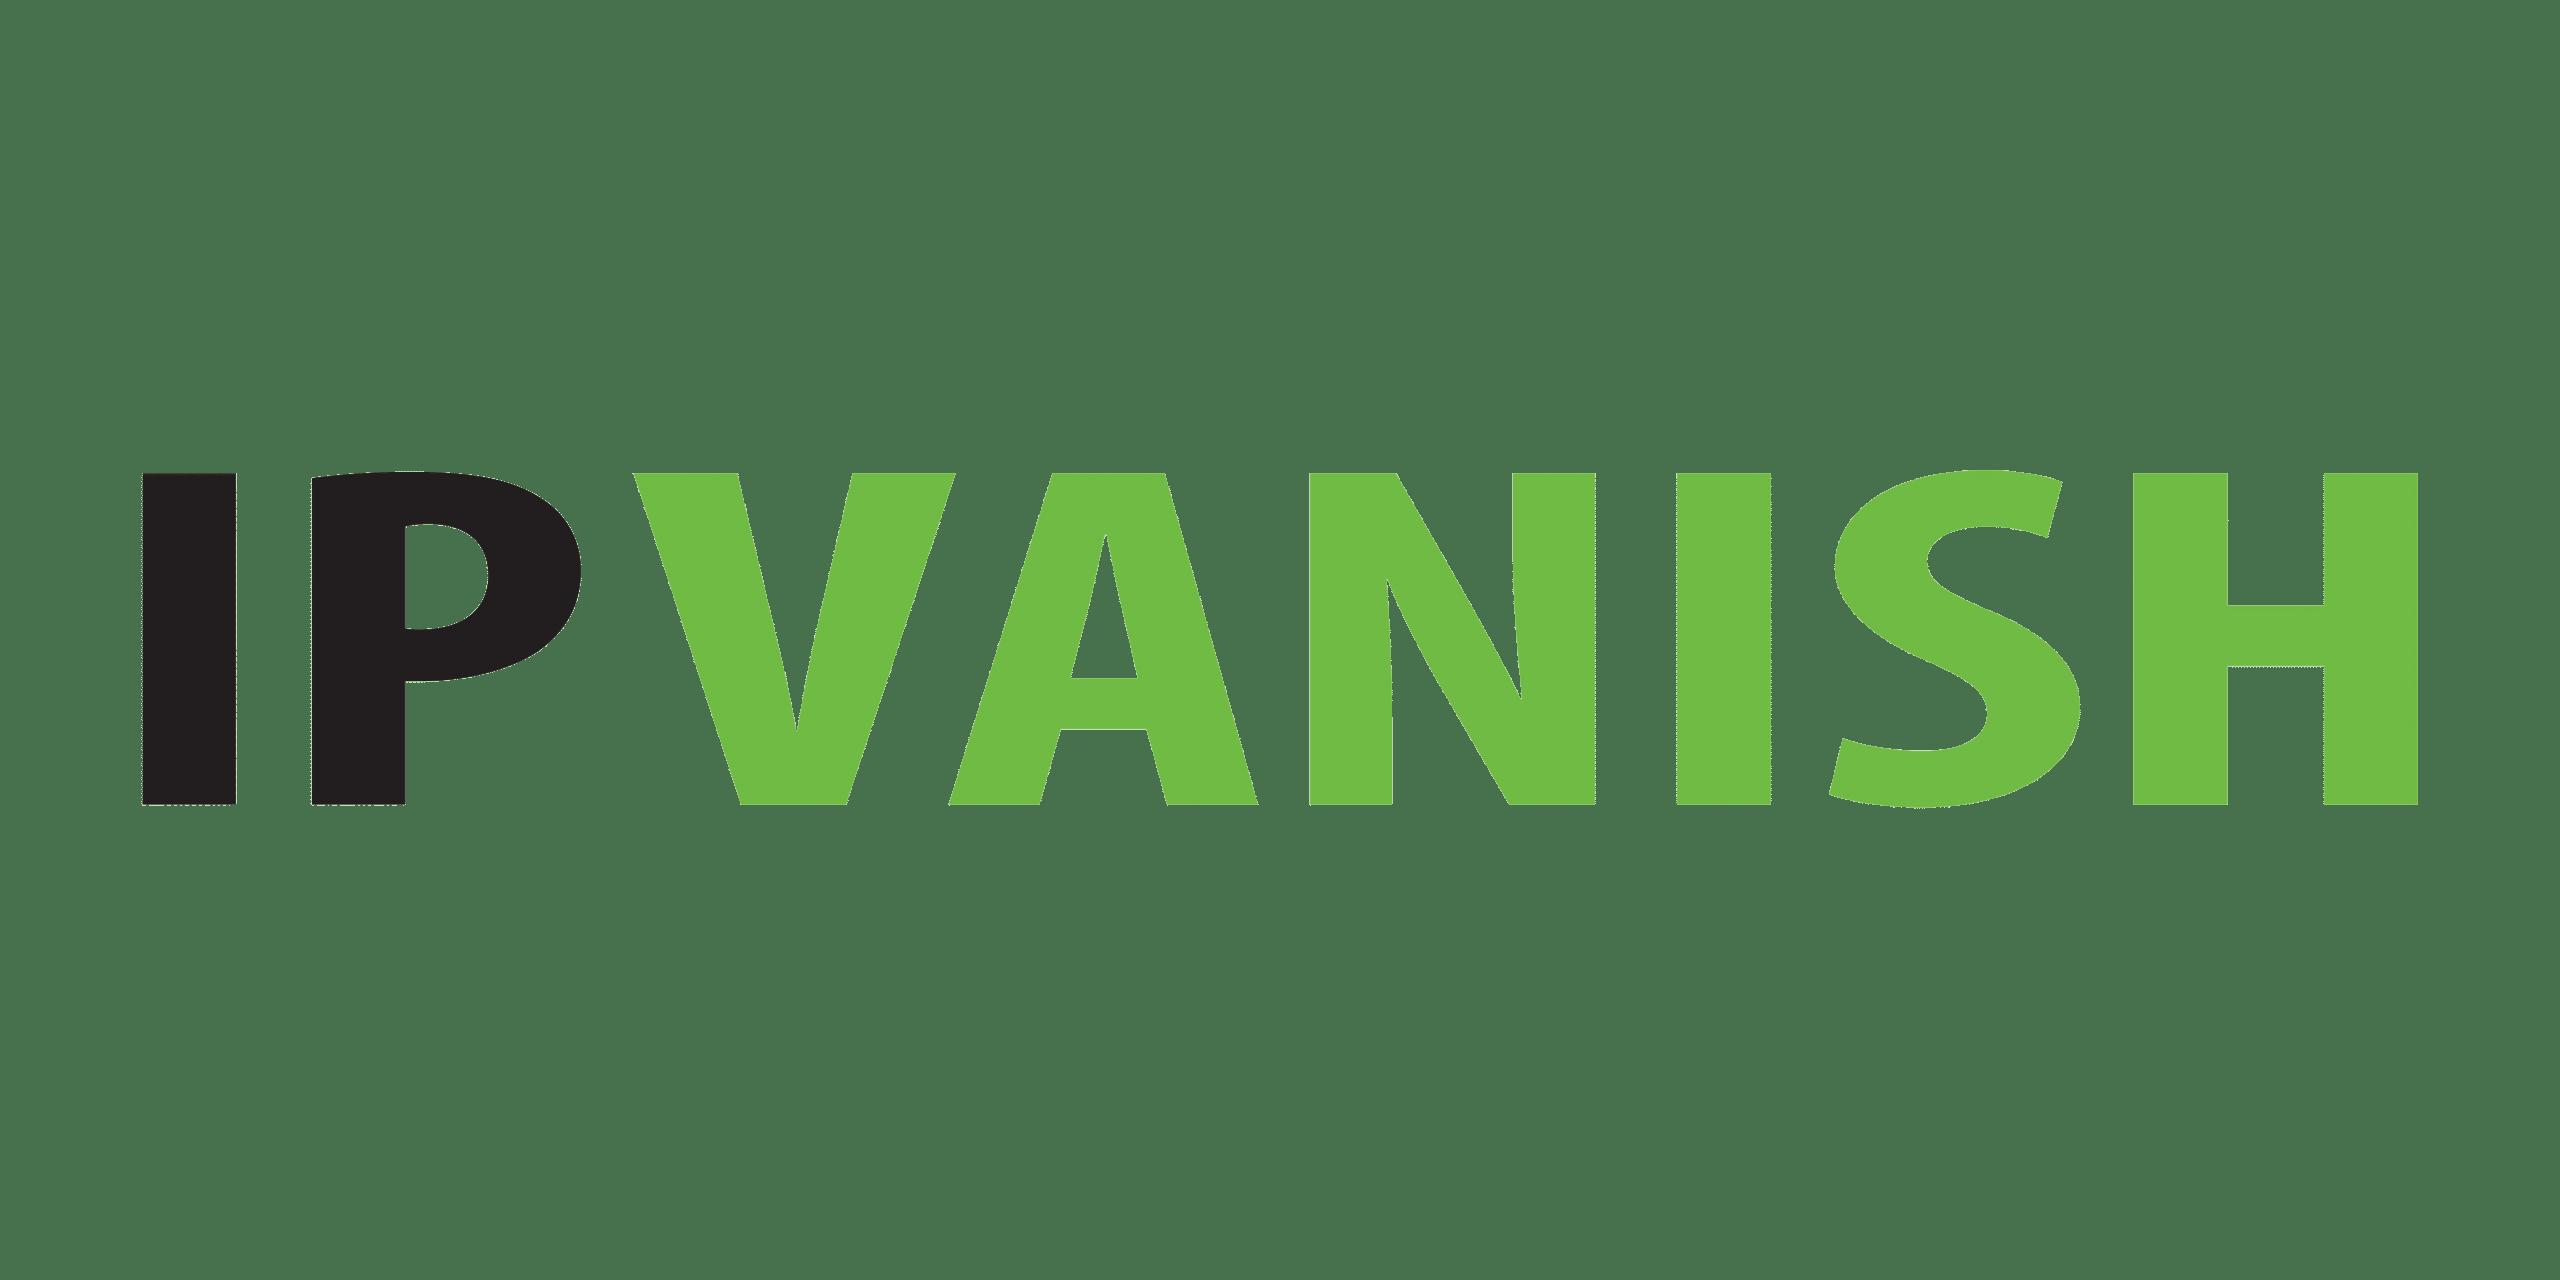 ipvanish-1